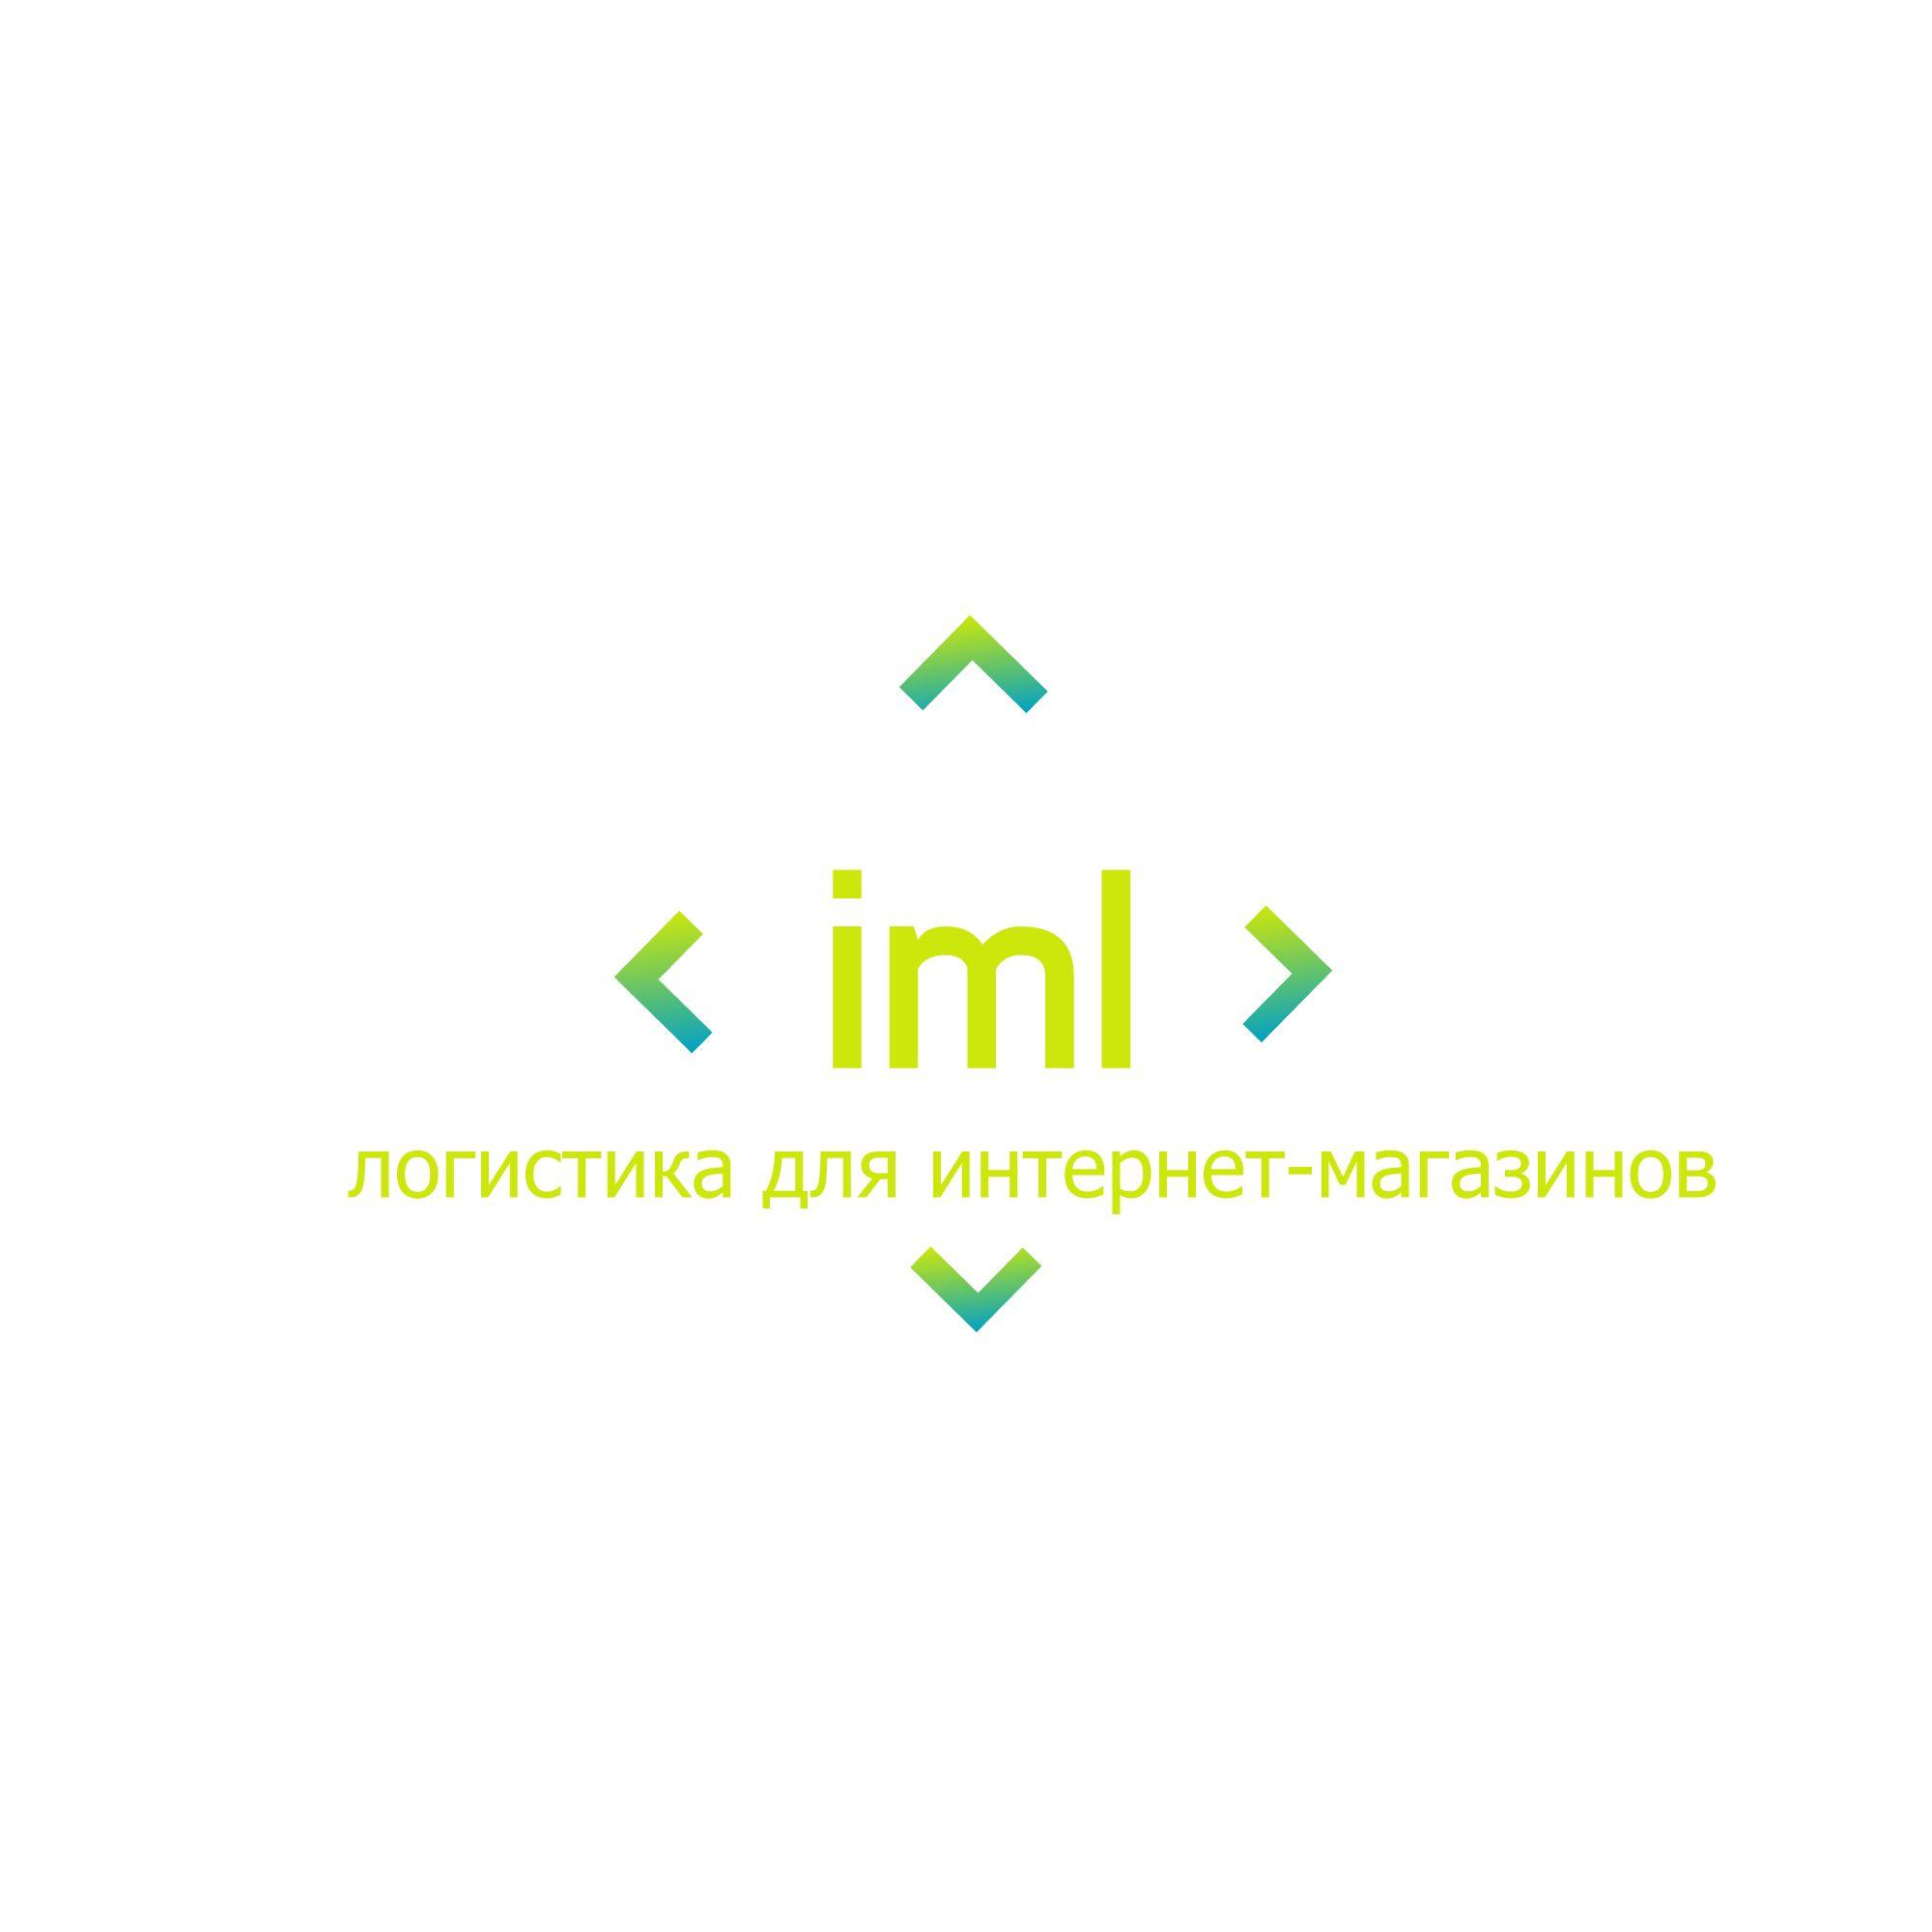 Лого для ребрендинга логистической компании - дизайнер deco